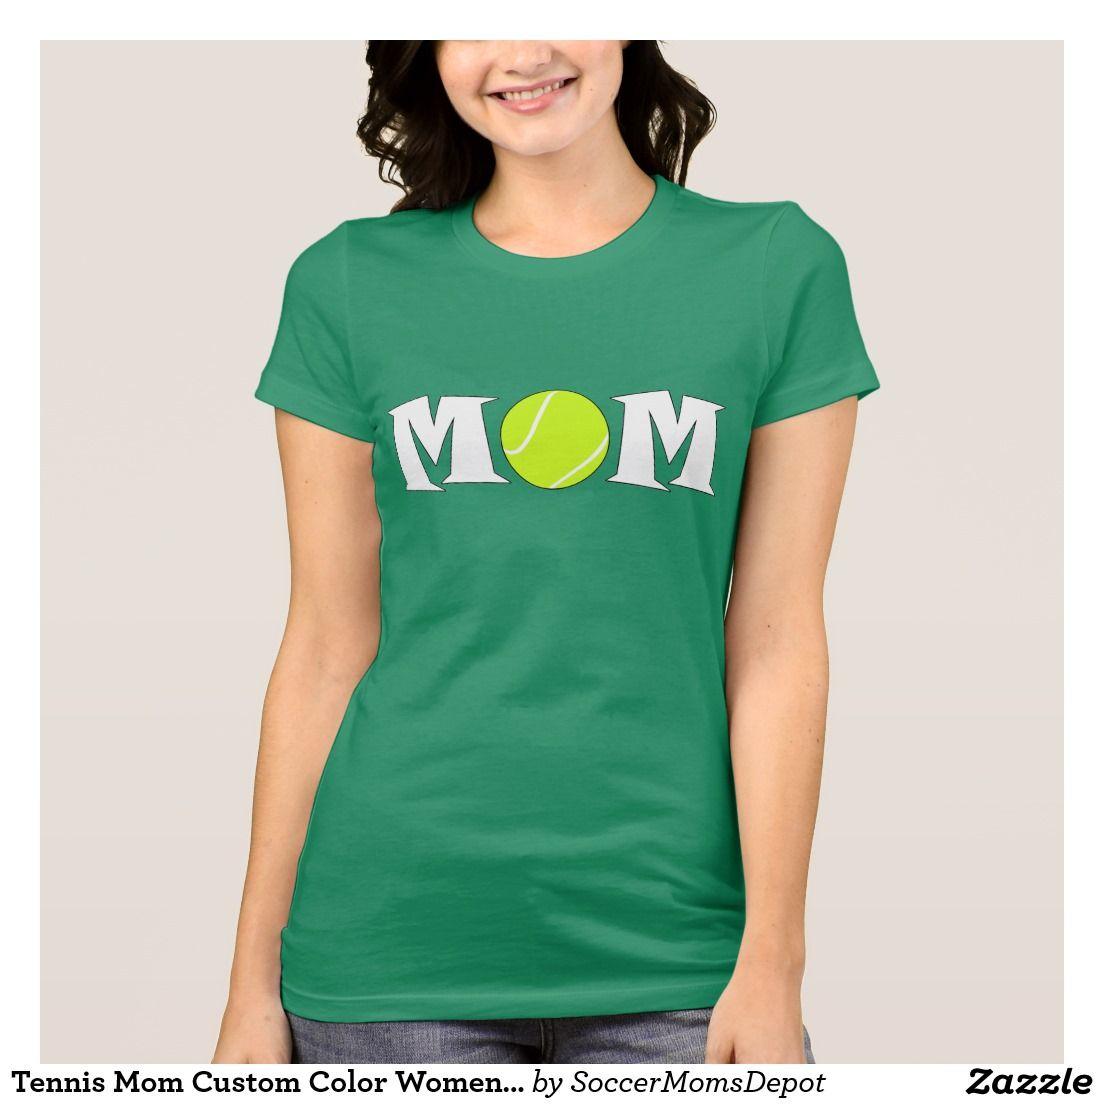 Tennis Mom Custom Color Women's T-shirt! Several colors to choose from! #tennis #mom #tennismom #shirt #tshirt #sports